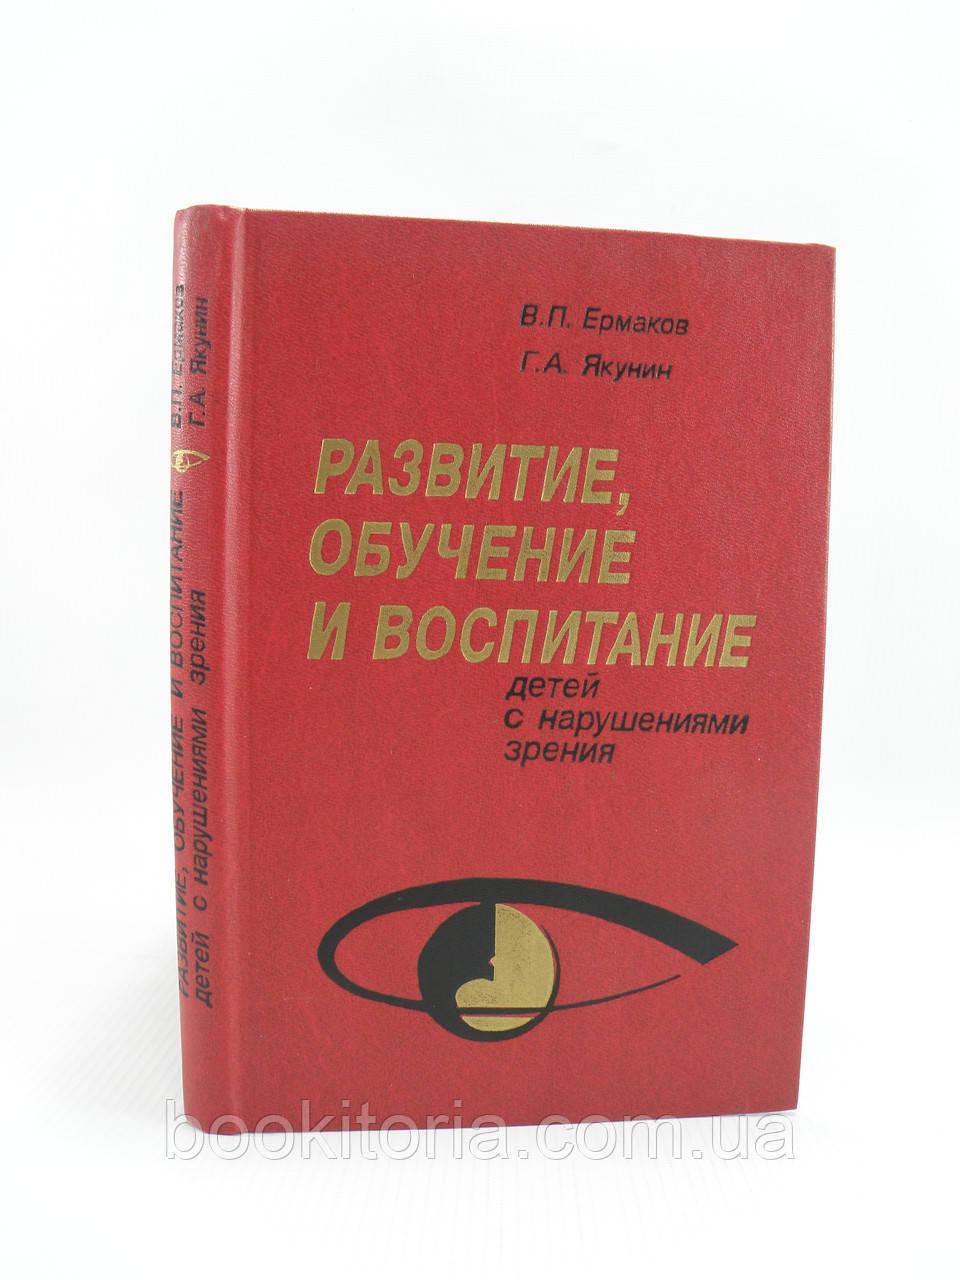 Ермаков В., Якунин Г. Развитие, обучение и воспитание детей с нарушениями зрения (б/у).